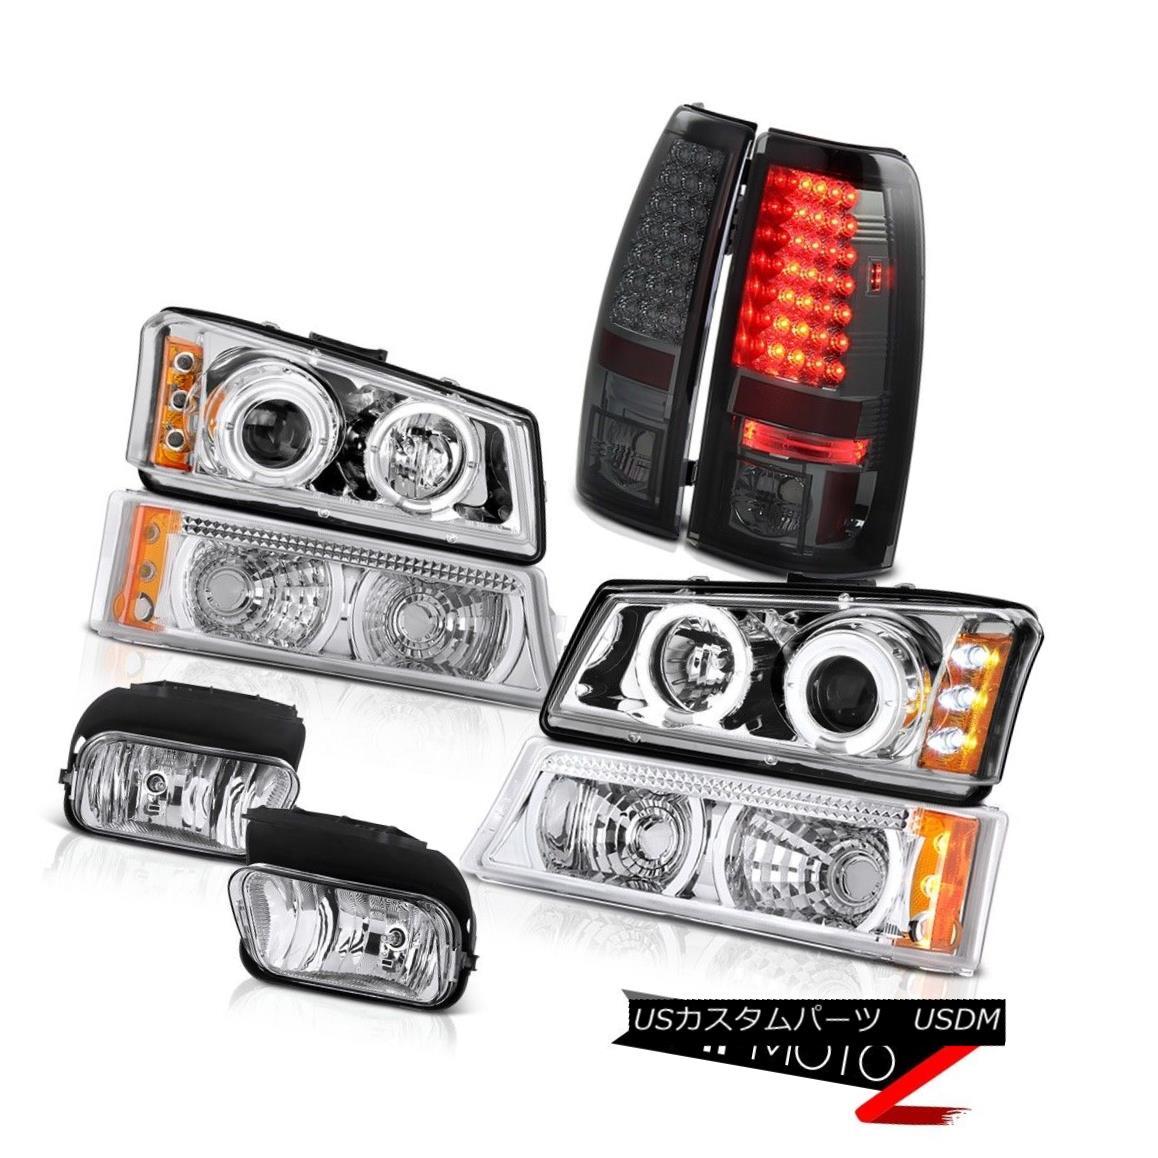 テールライト Crystal Halo Headlight Signal Bumper Taillamp Driving Foglights 05 06 Silverado クリスタルハローヘッドライトシグナルバンパーティアランプドライビングフォグライト05 06シルバラード